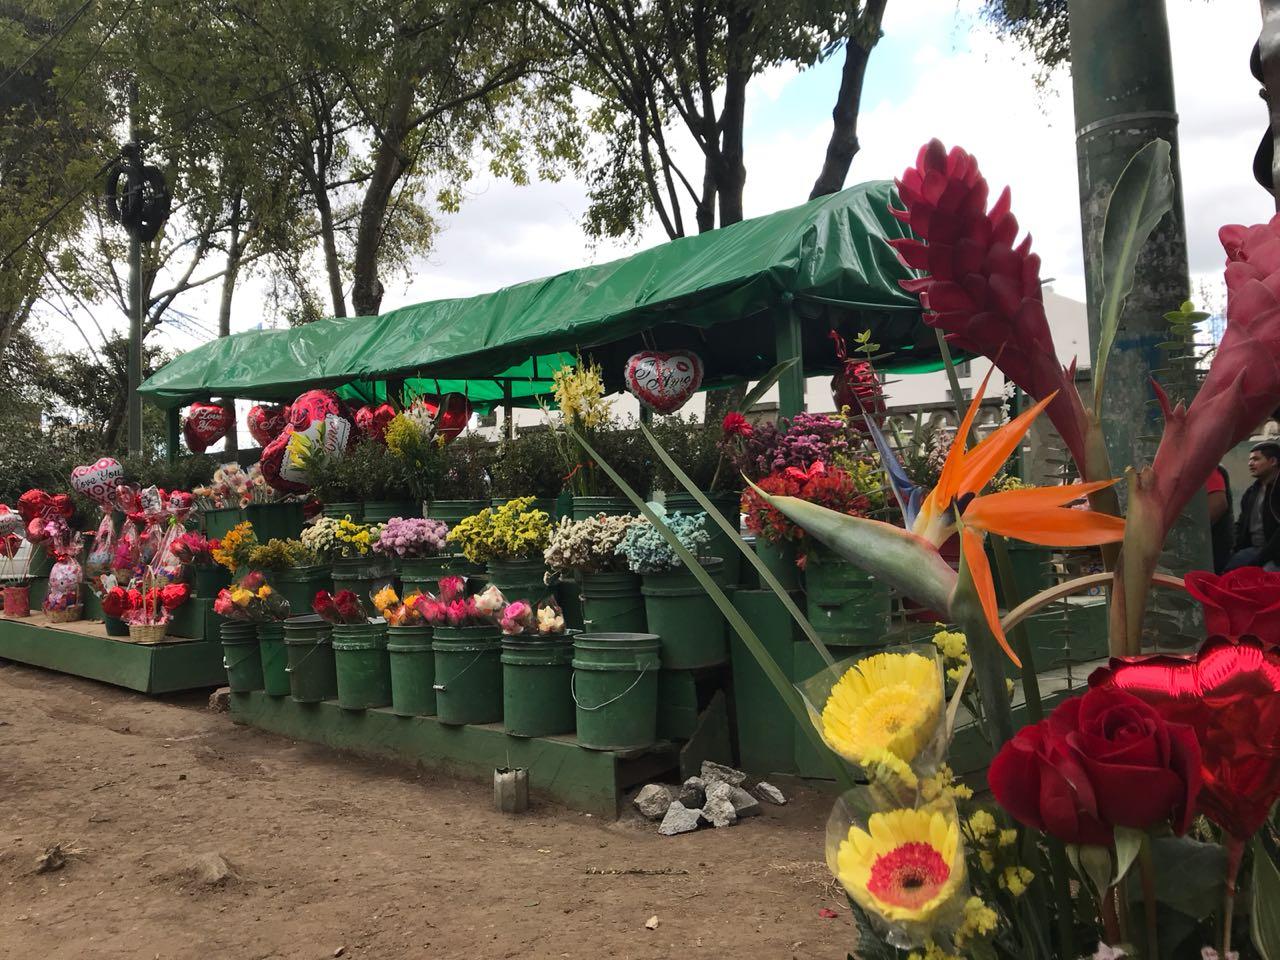 Venta de flores EU Emisoras Unidas Guatemala